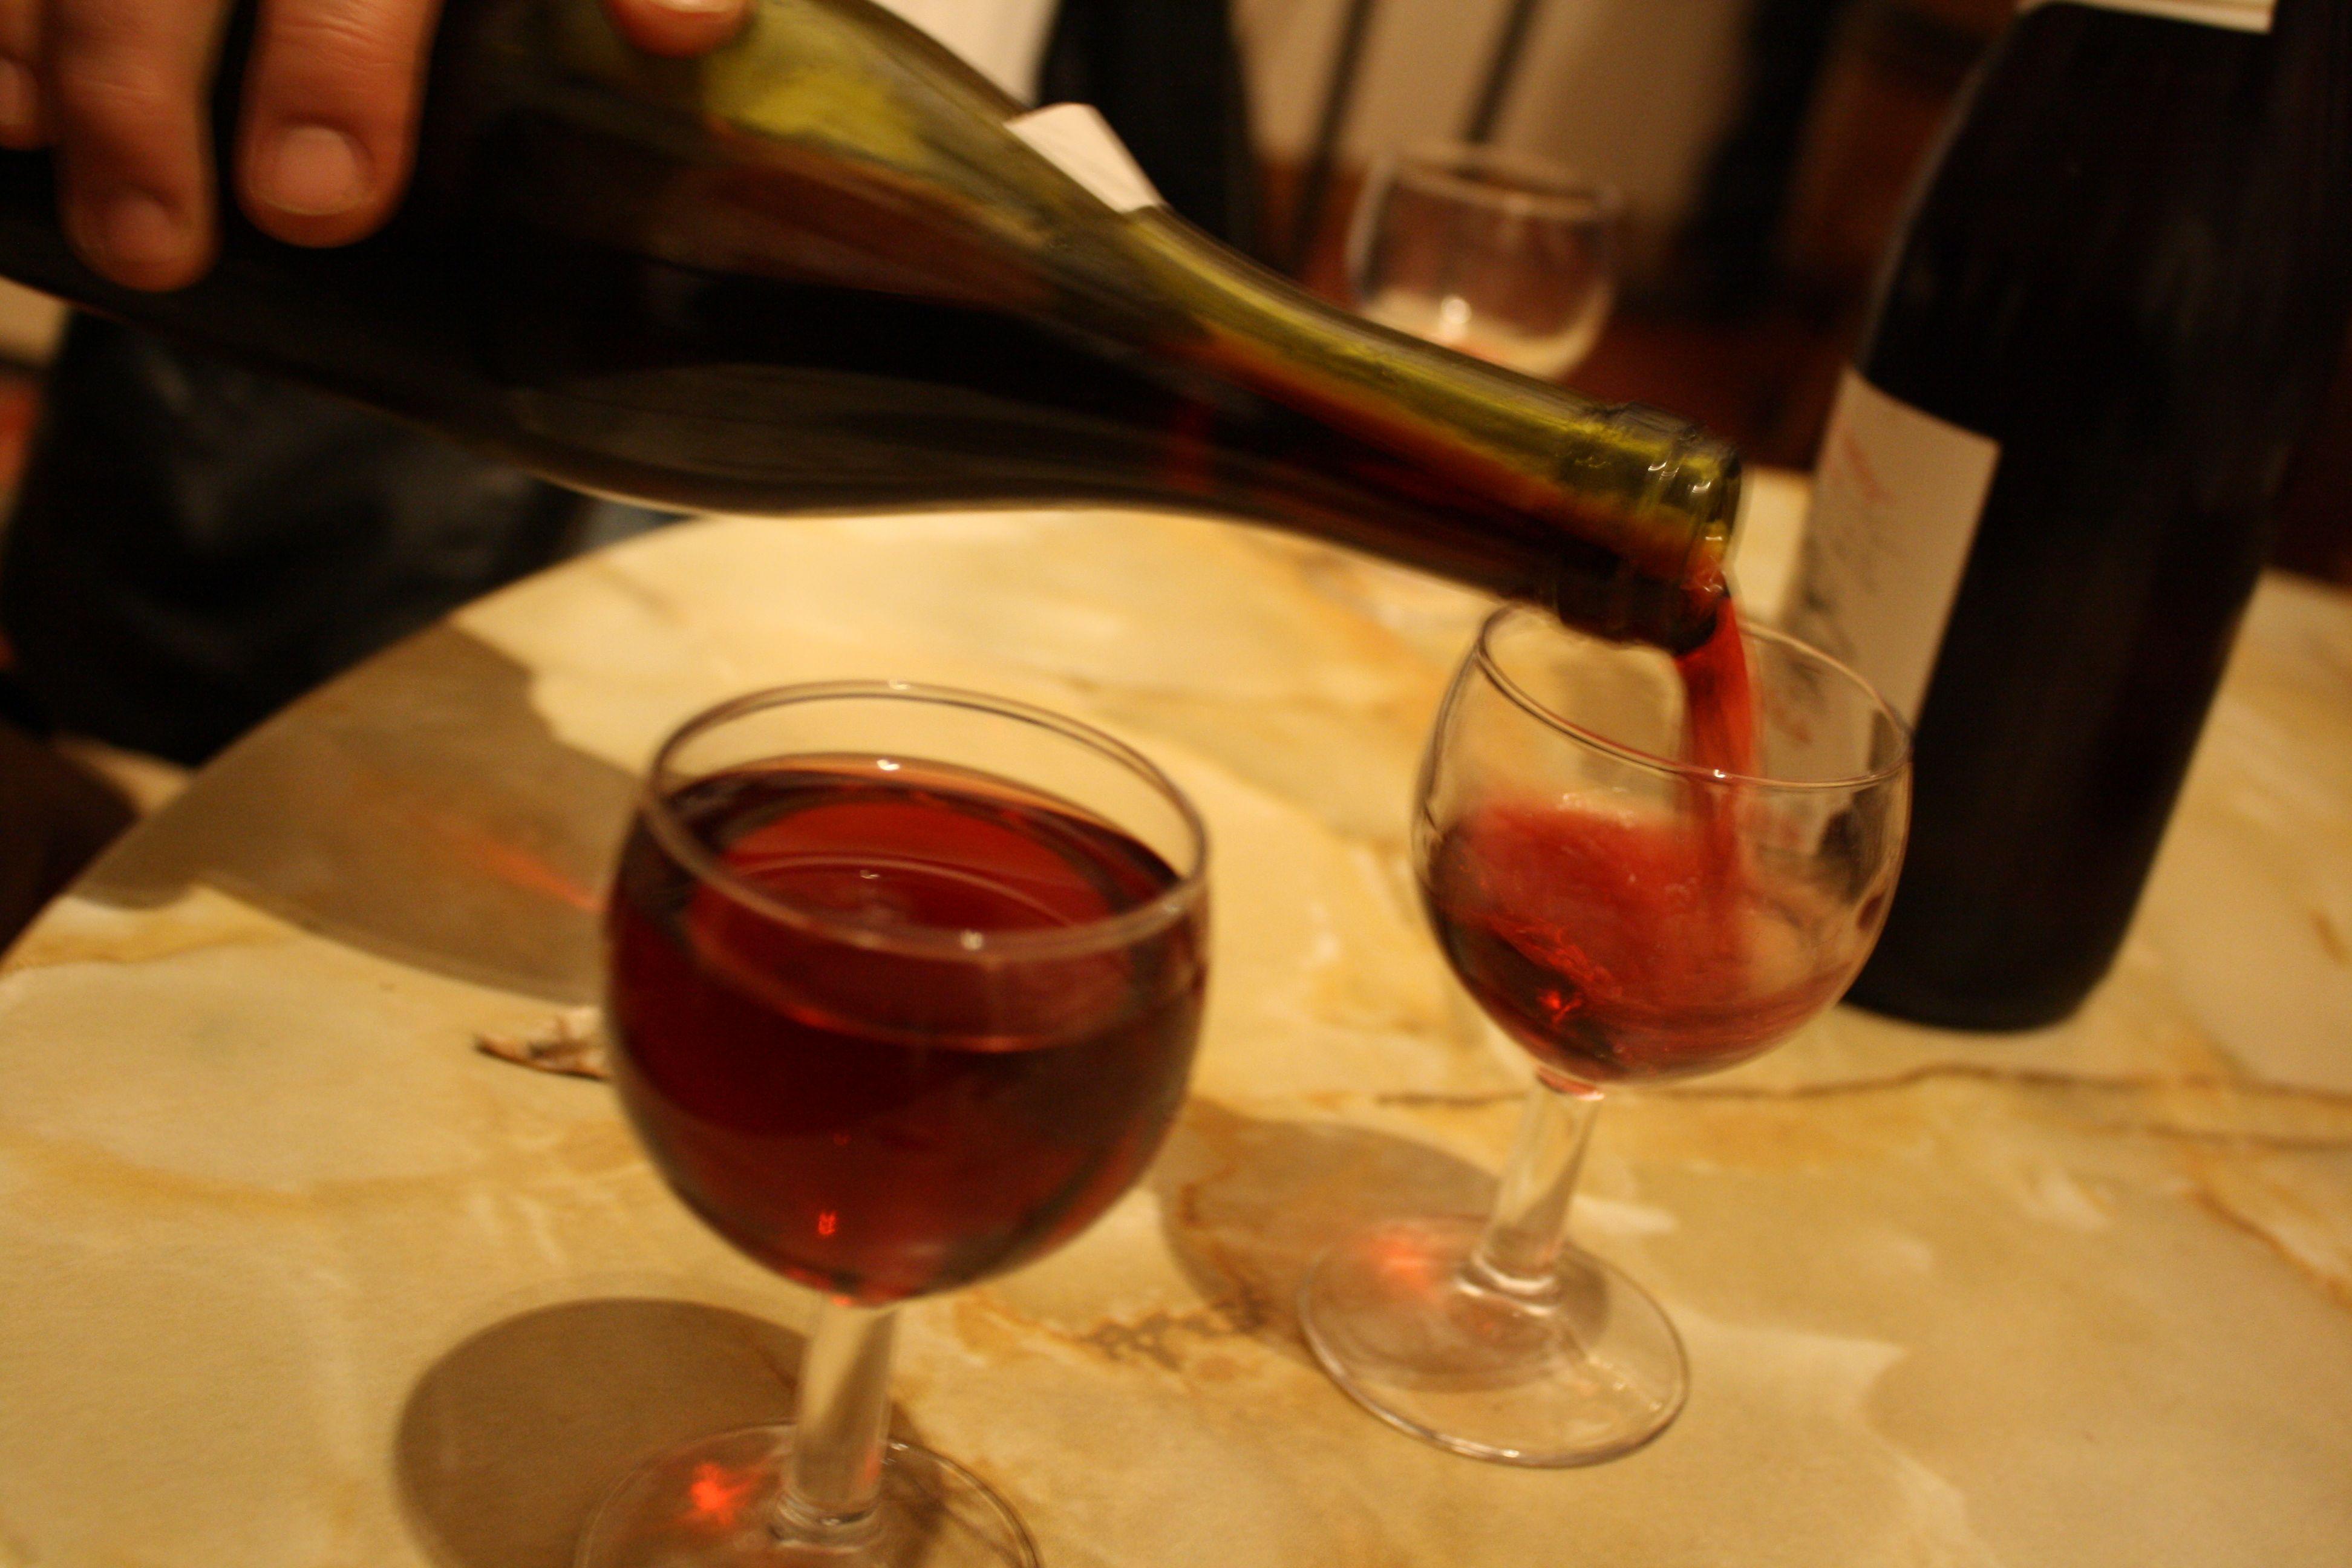 vinverse